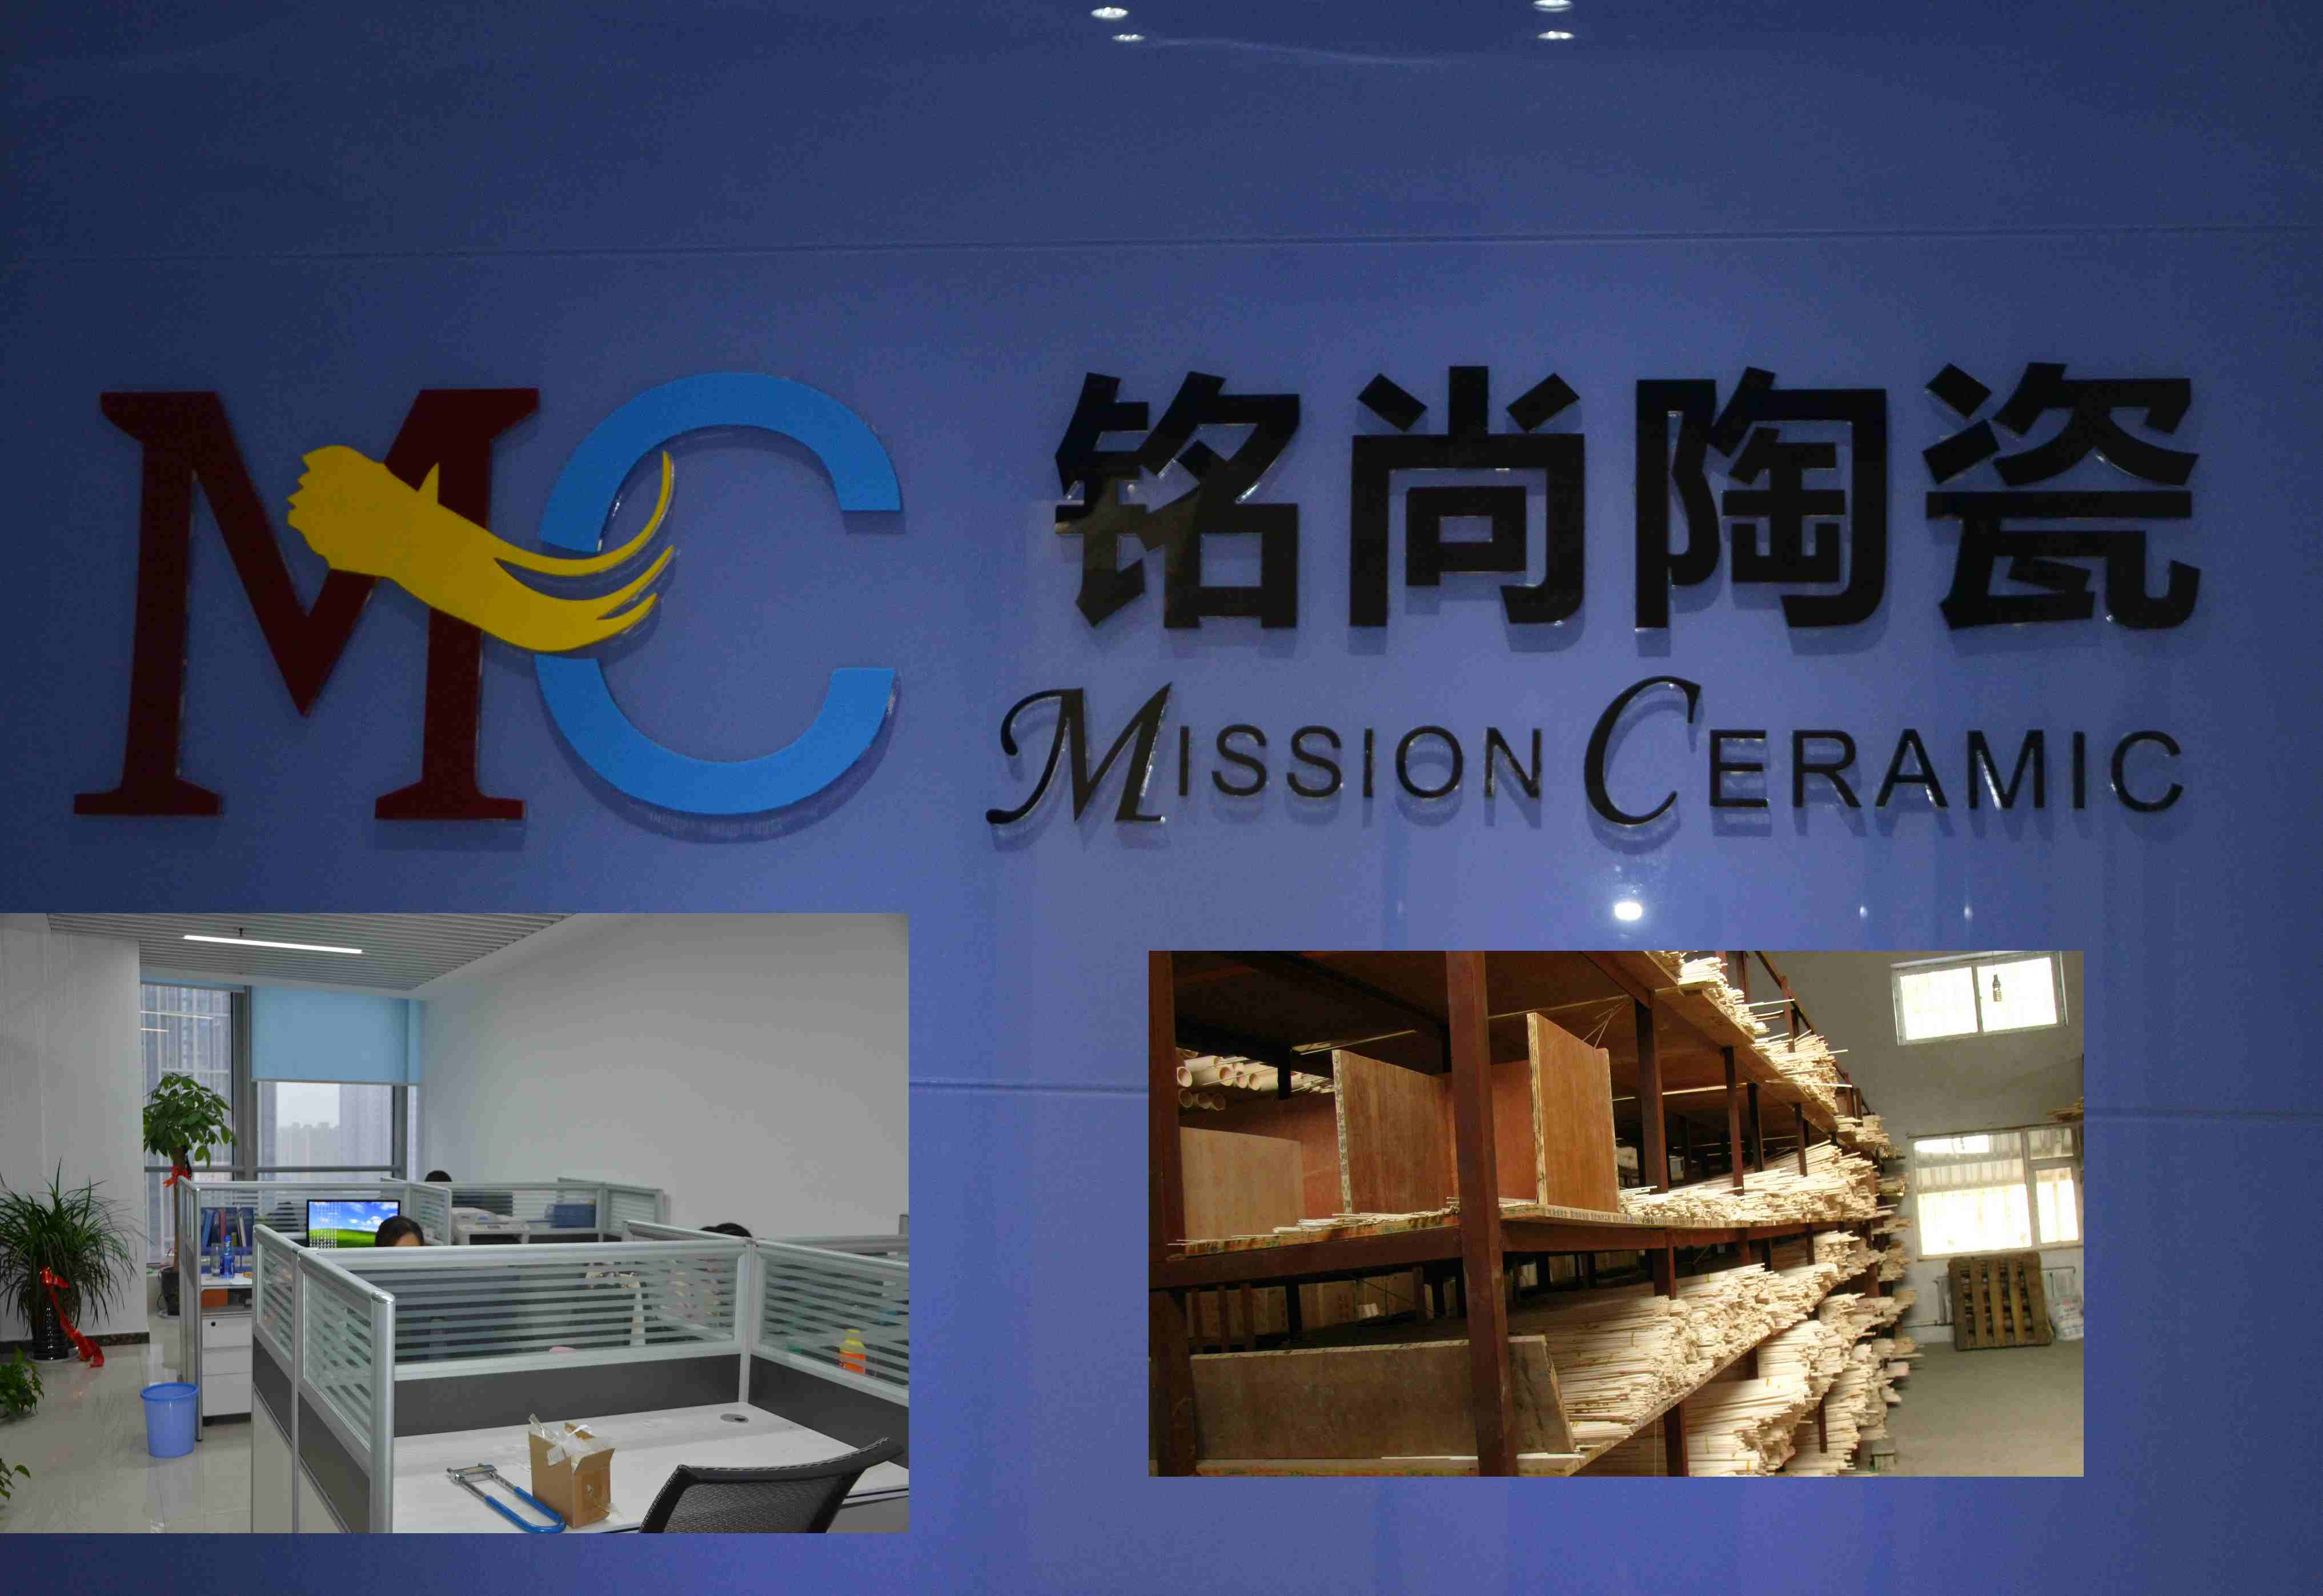 MISSION CERAMIC